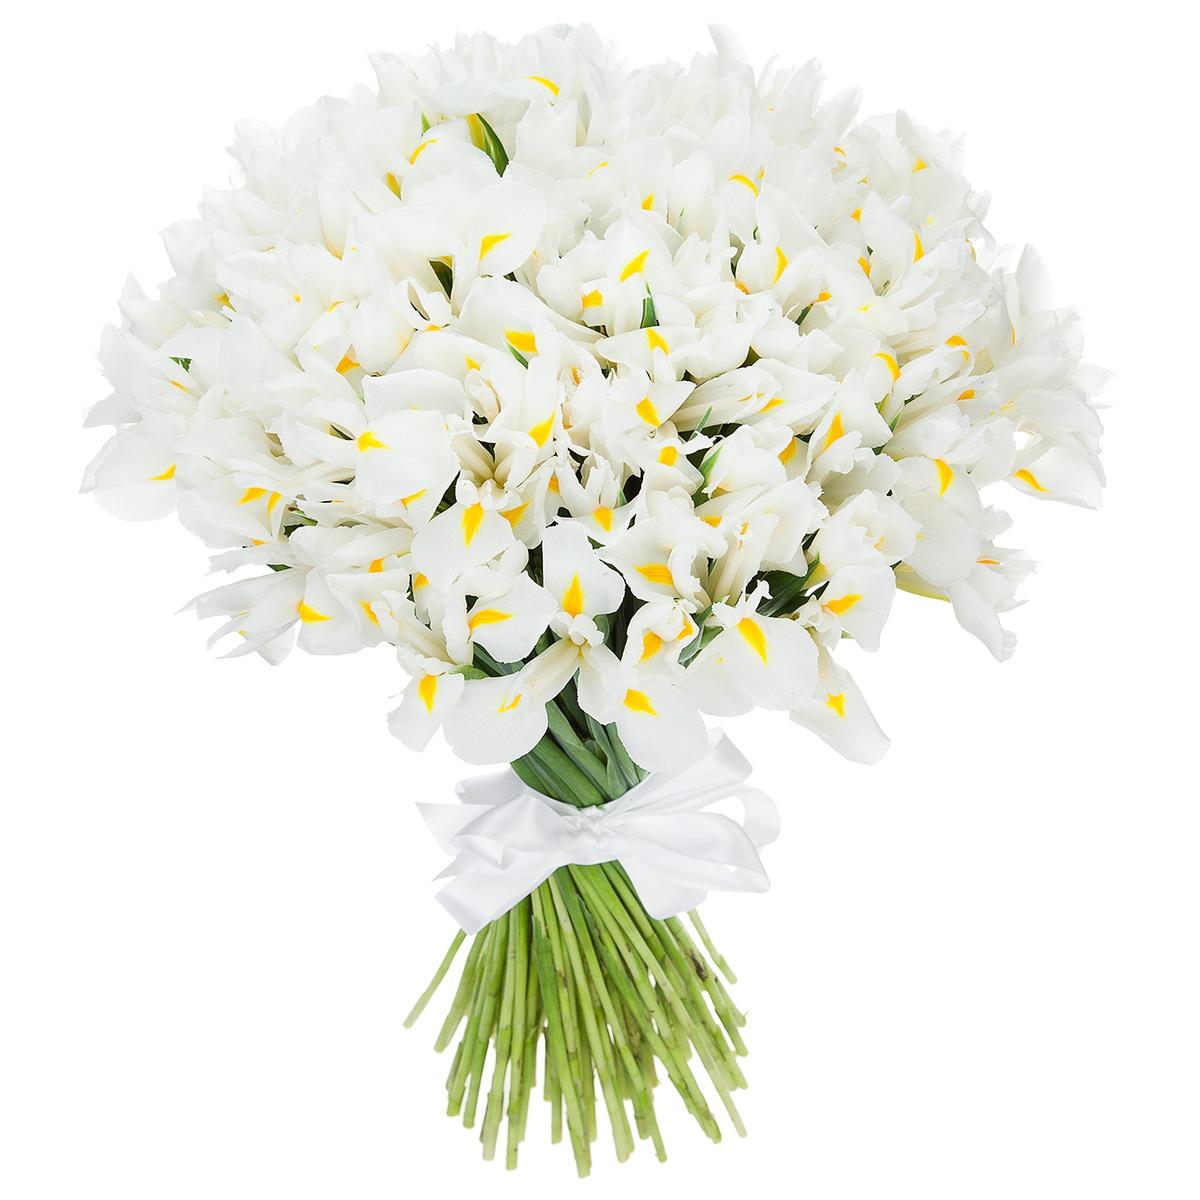 Купить цветы нарциссы в израиле заказать семена цветов интернет